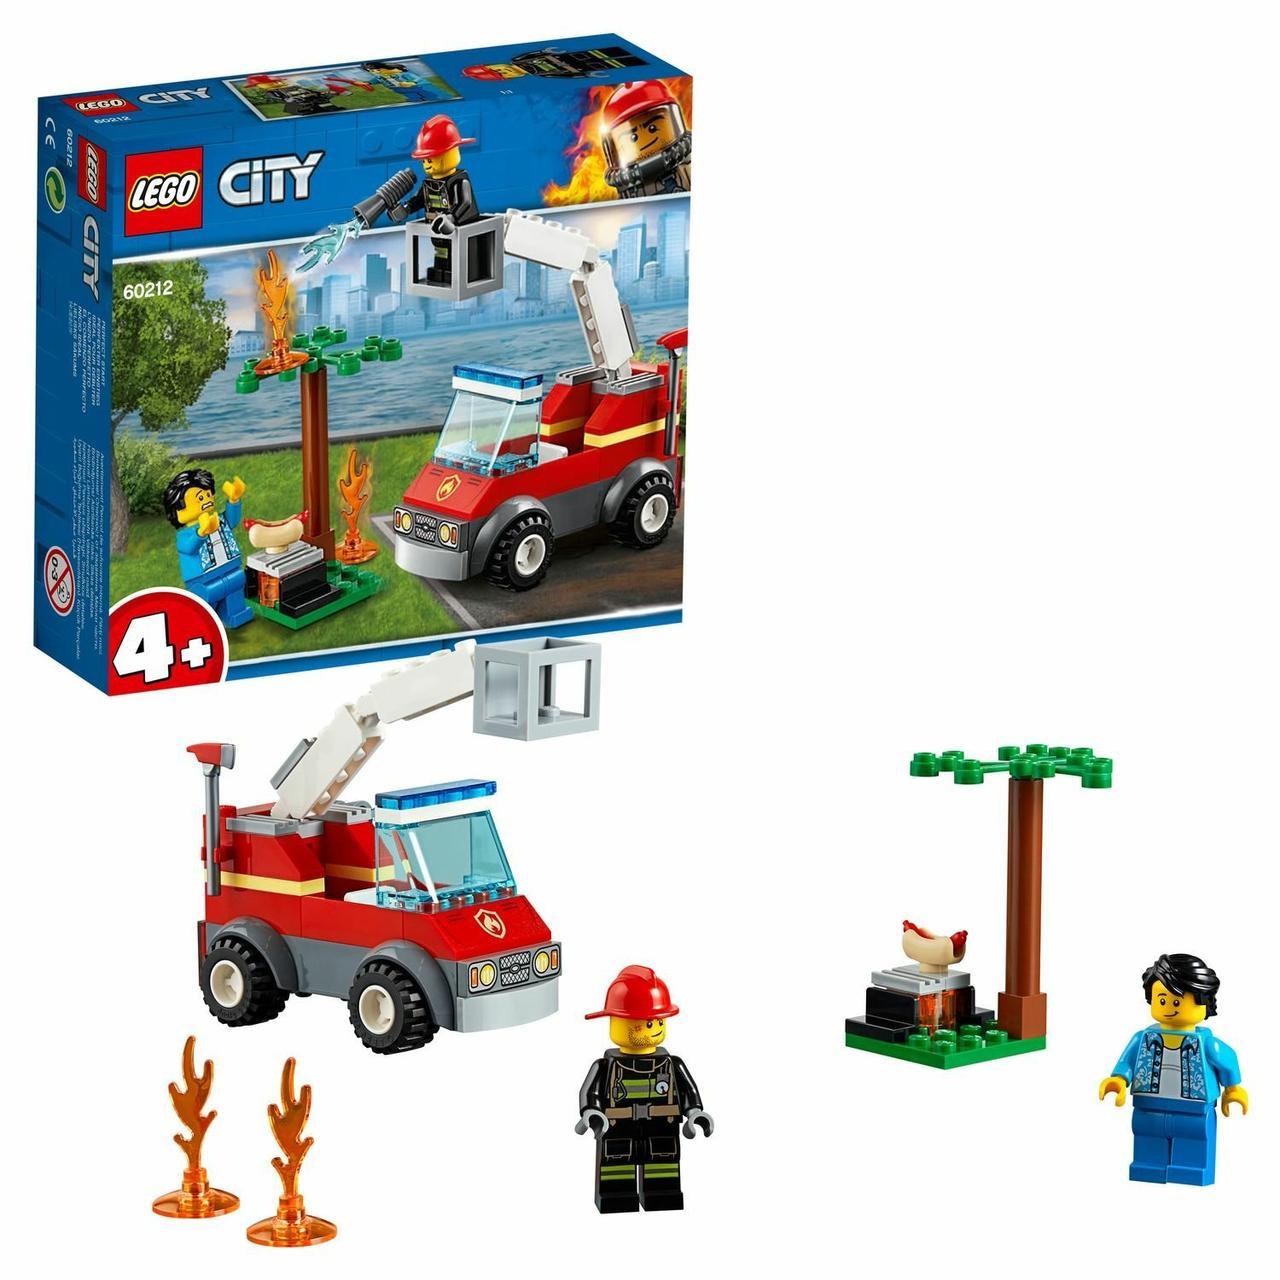 Конструктор LEGO City Fire Пожар на пикнике 60212